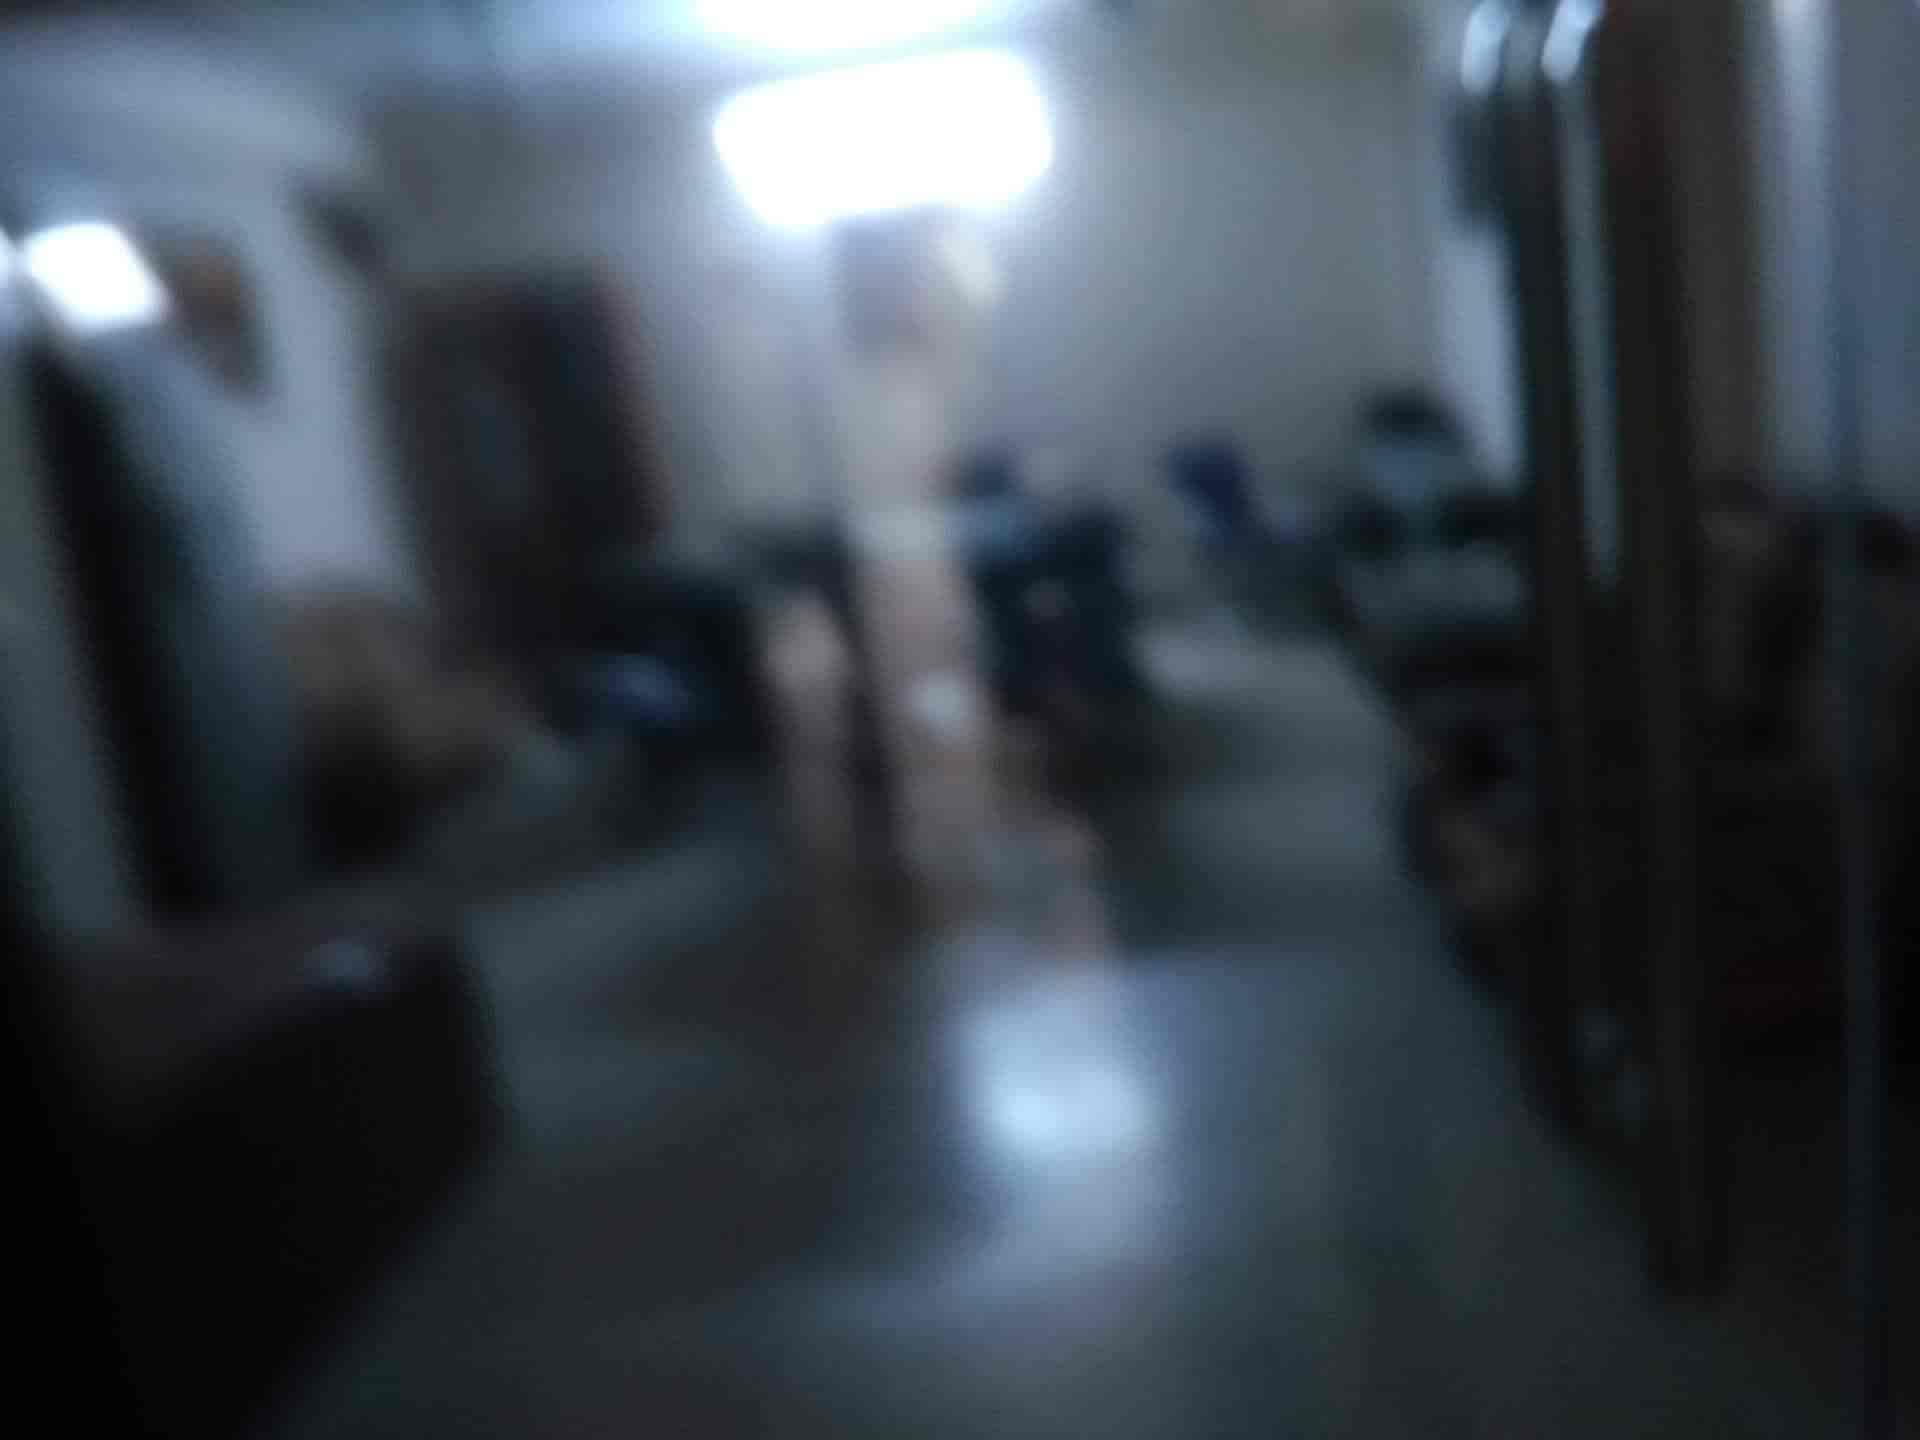 Delta Coaching Institute Laxmi Nagar Tutorials In Delhi Justdial